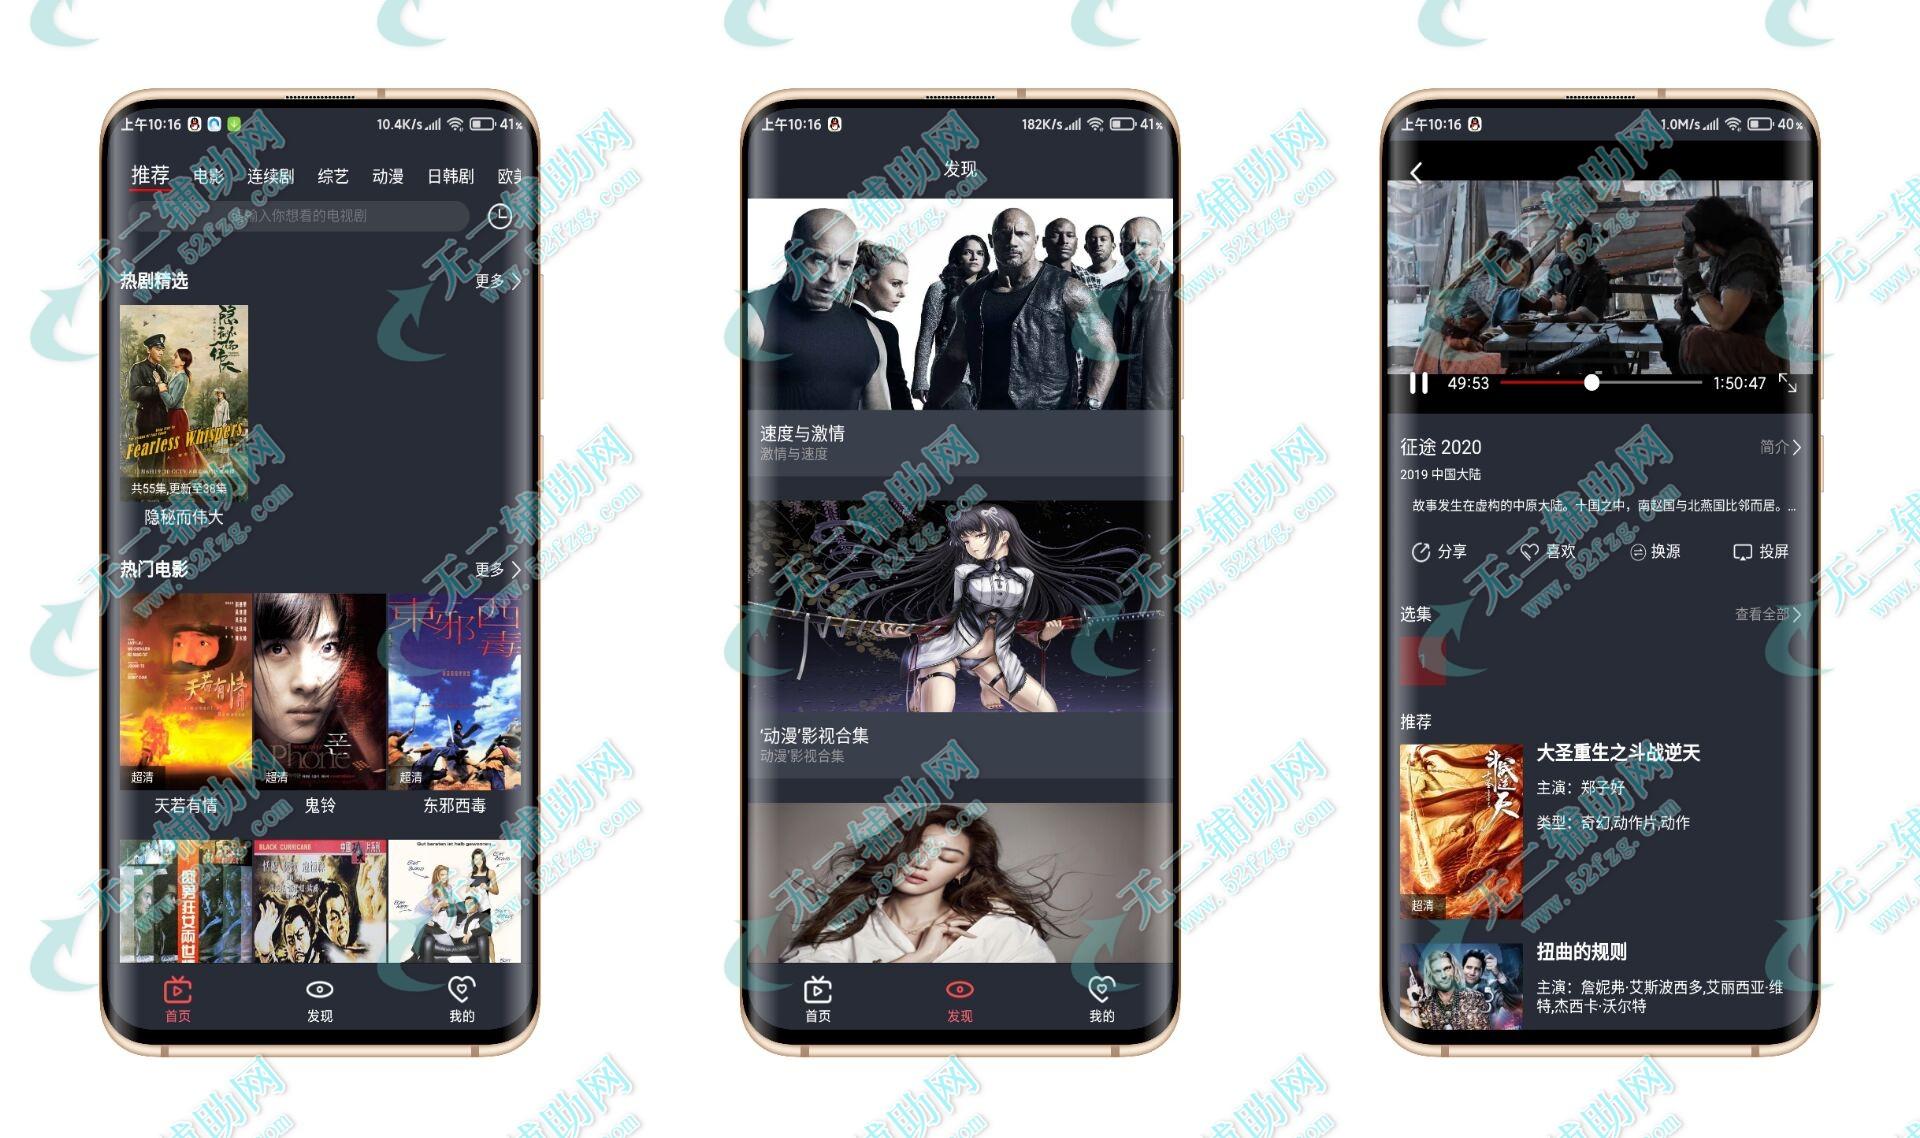 熊影视V1.0.9安卓无广告影视app 手机追剧神器